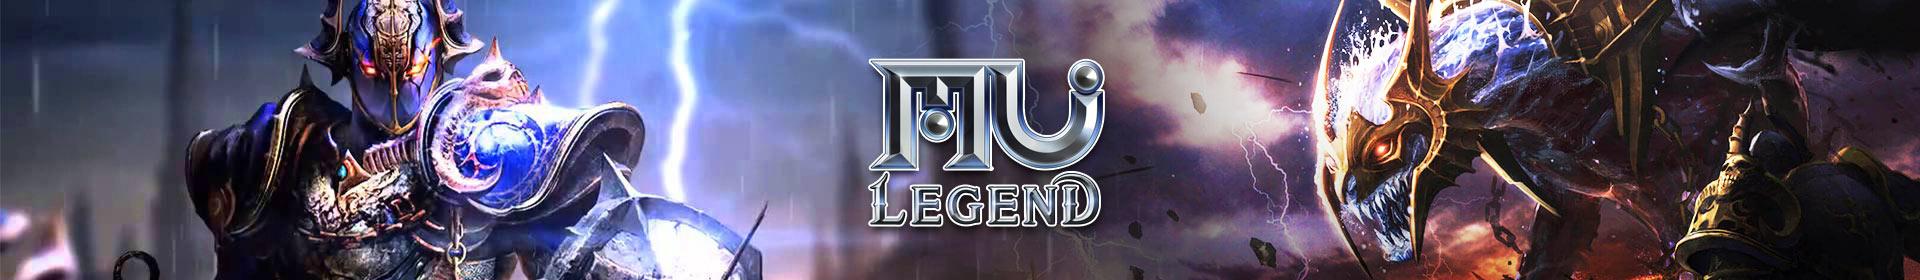 Mu Legend Redzen